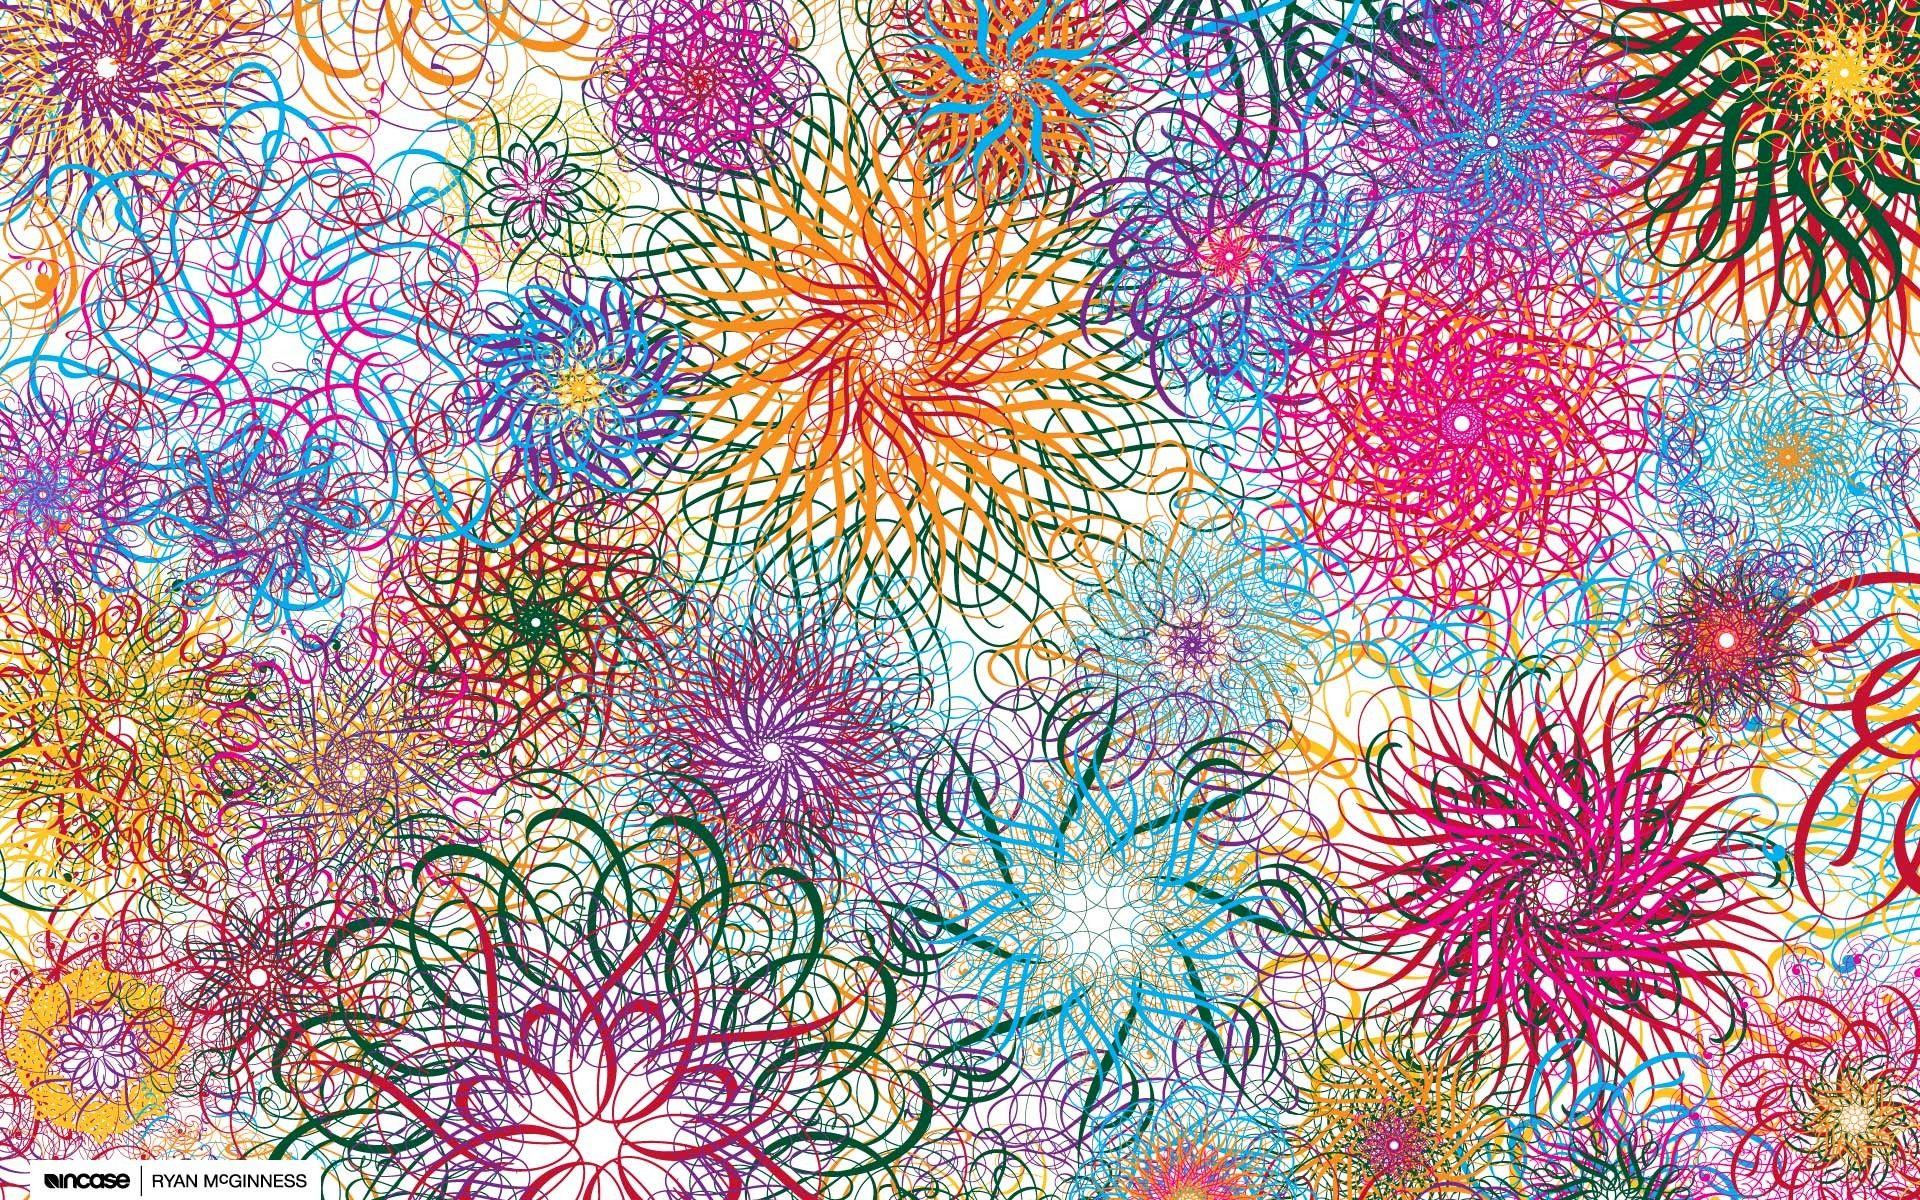 Imagenes Abstractas En Hd Para Descargar: Fondos Abstractos Flores Para Fondo De Pantalla En Hd 1 HD